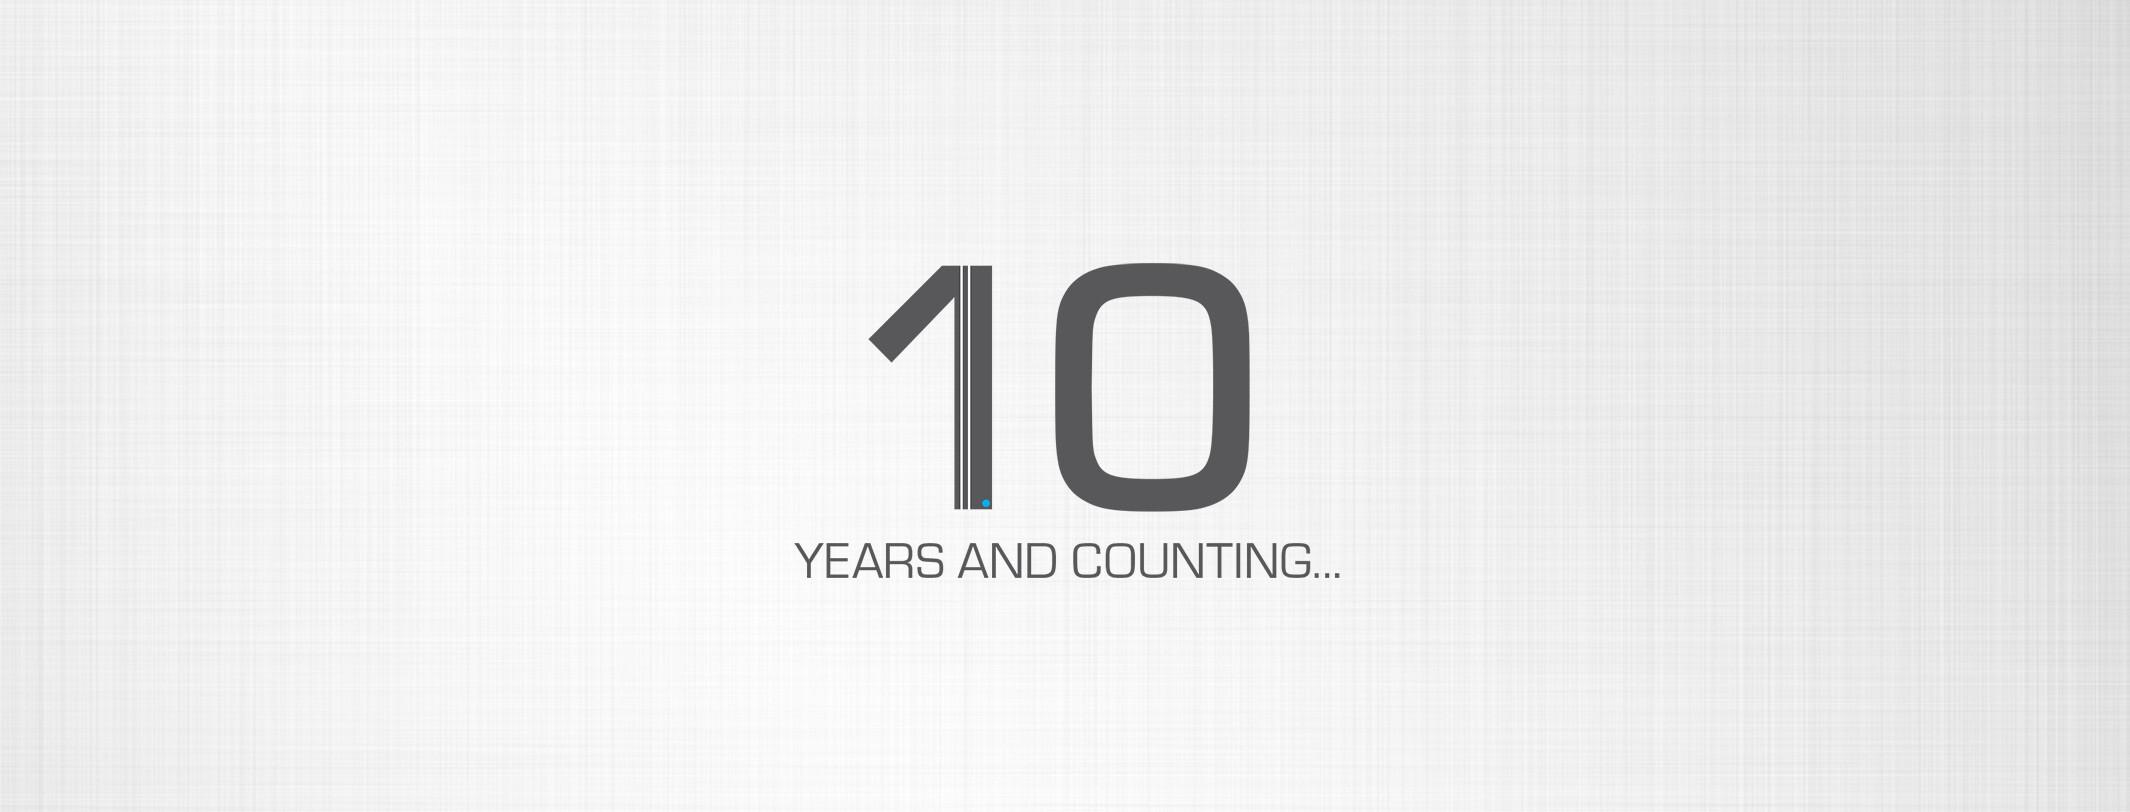 MS2 Design Studio - 10 Year Anniversary 2